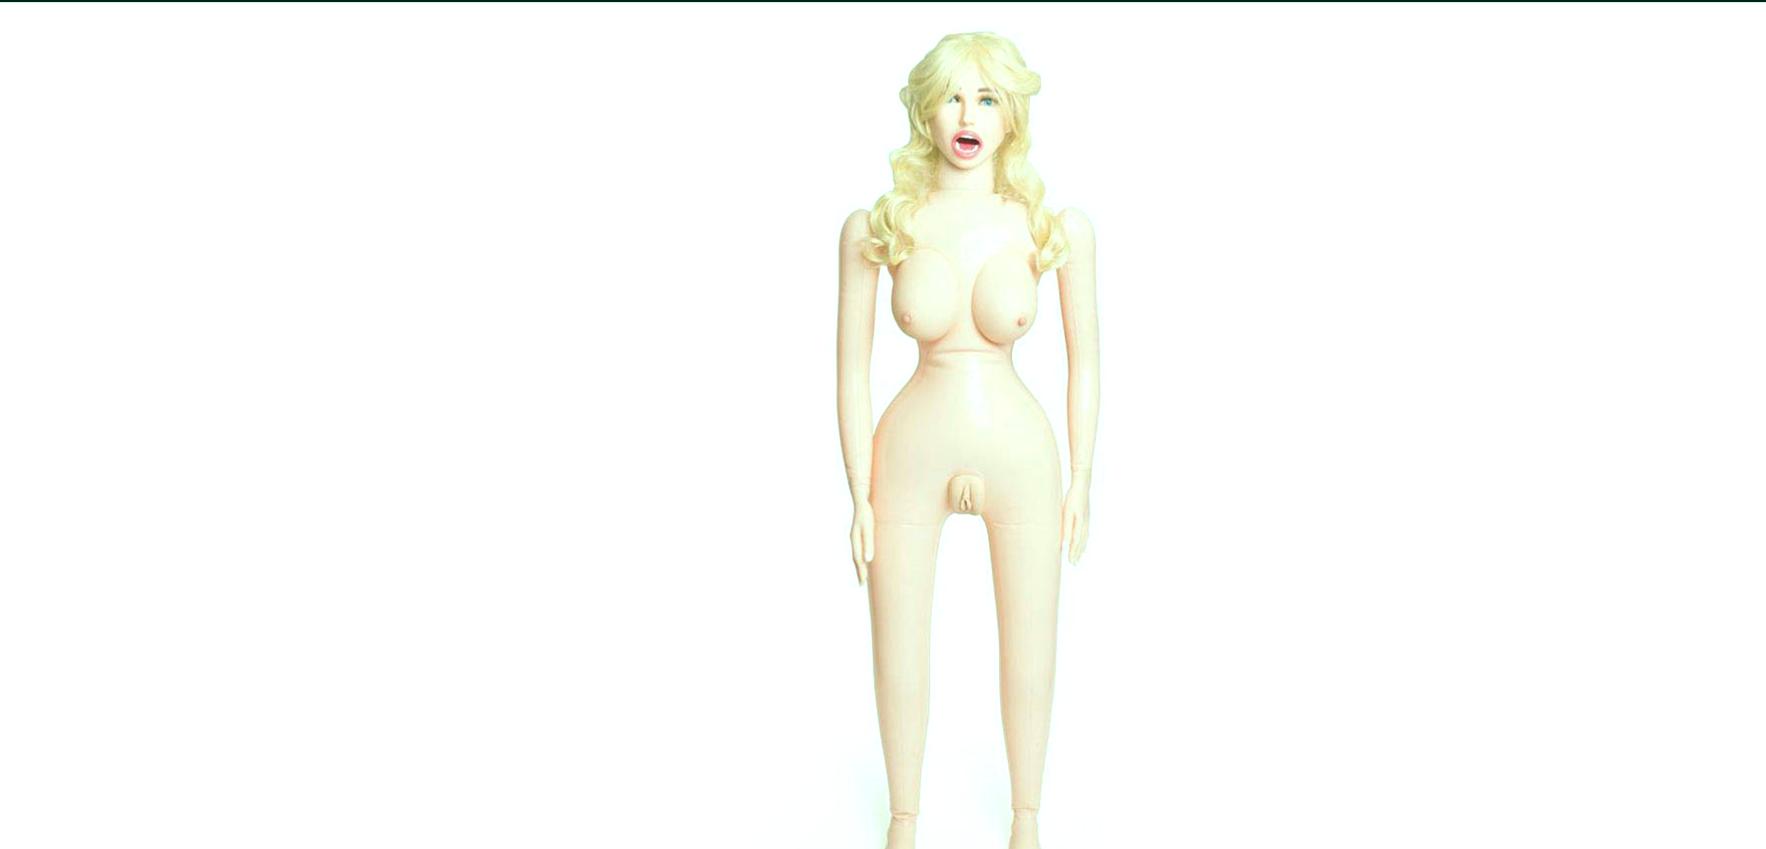 Muñeca sexual inflable realista vibrante.